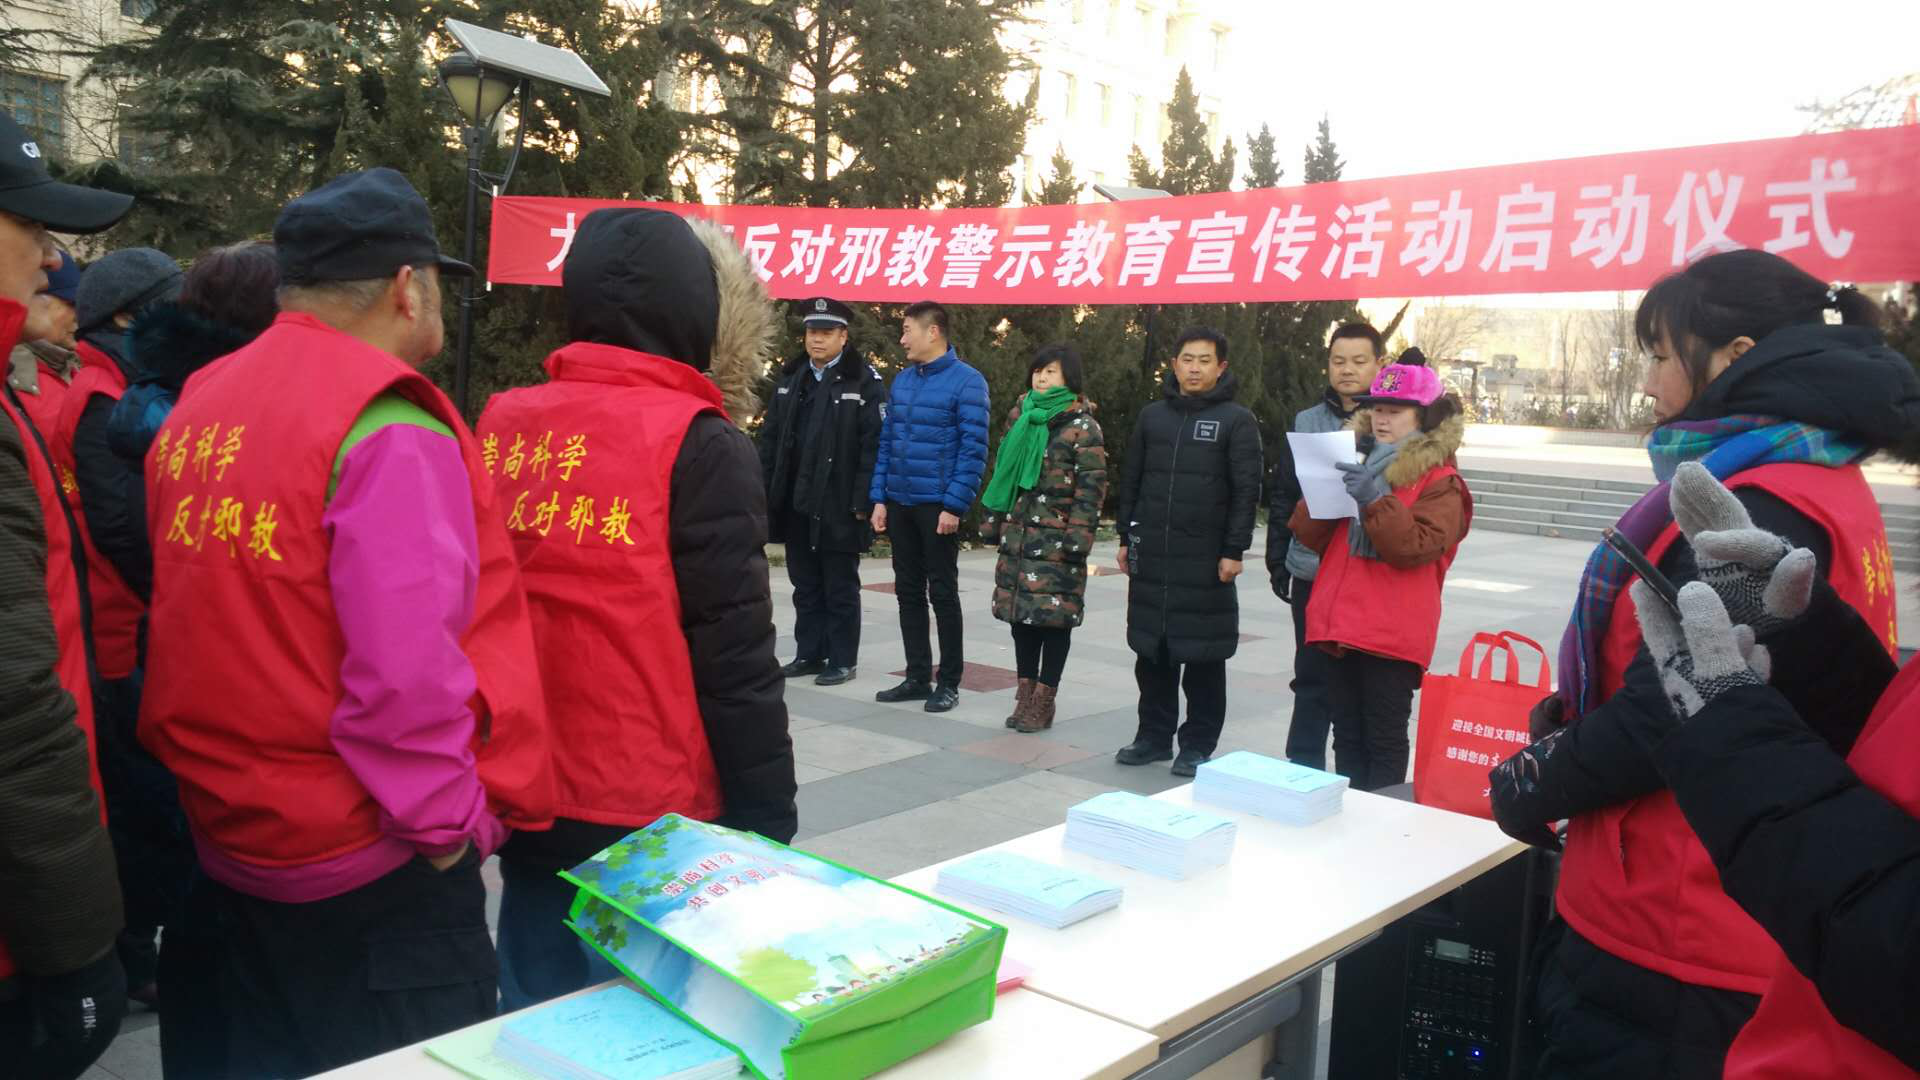 大营门街举行反对邪教警示教育宣传活动